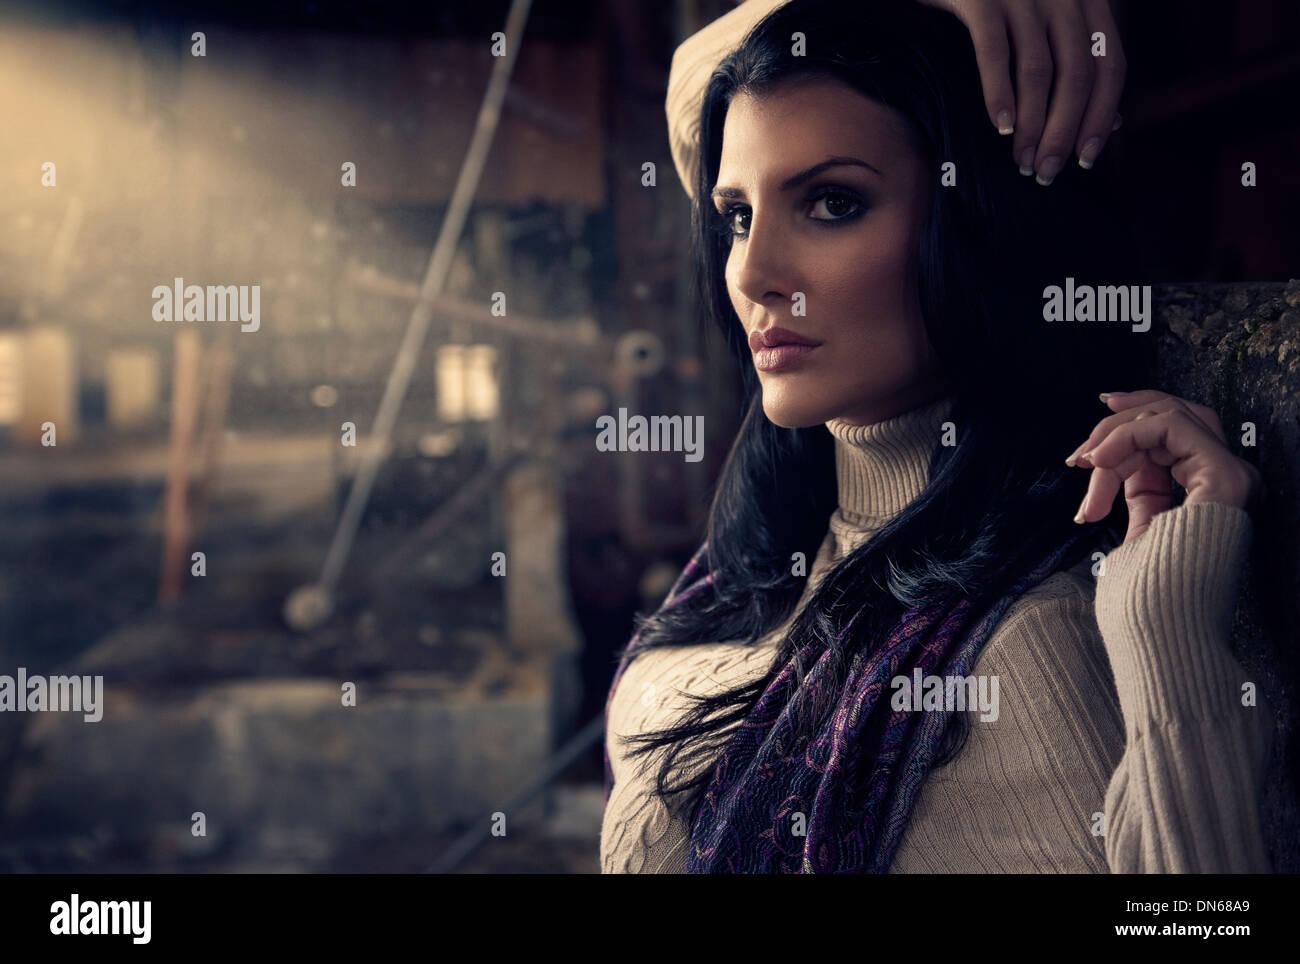 Mode-Porträt der Frau in verlassenen Lagerhaus mit Lichtstrahl Stockbild